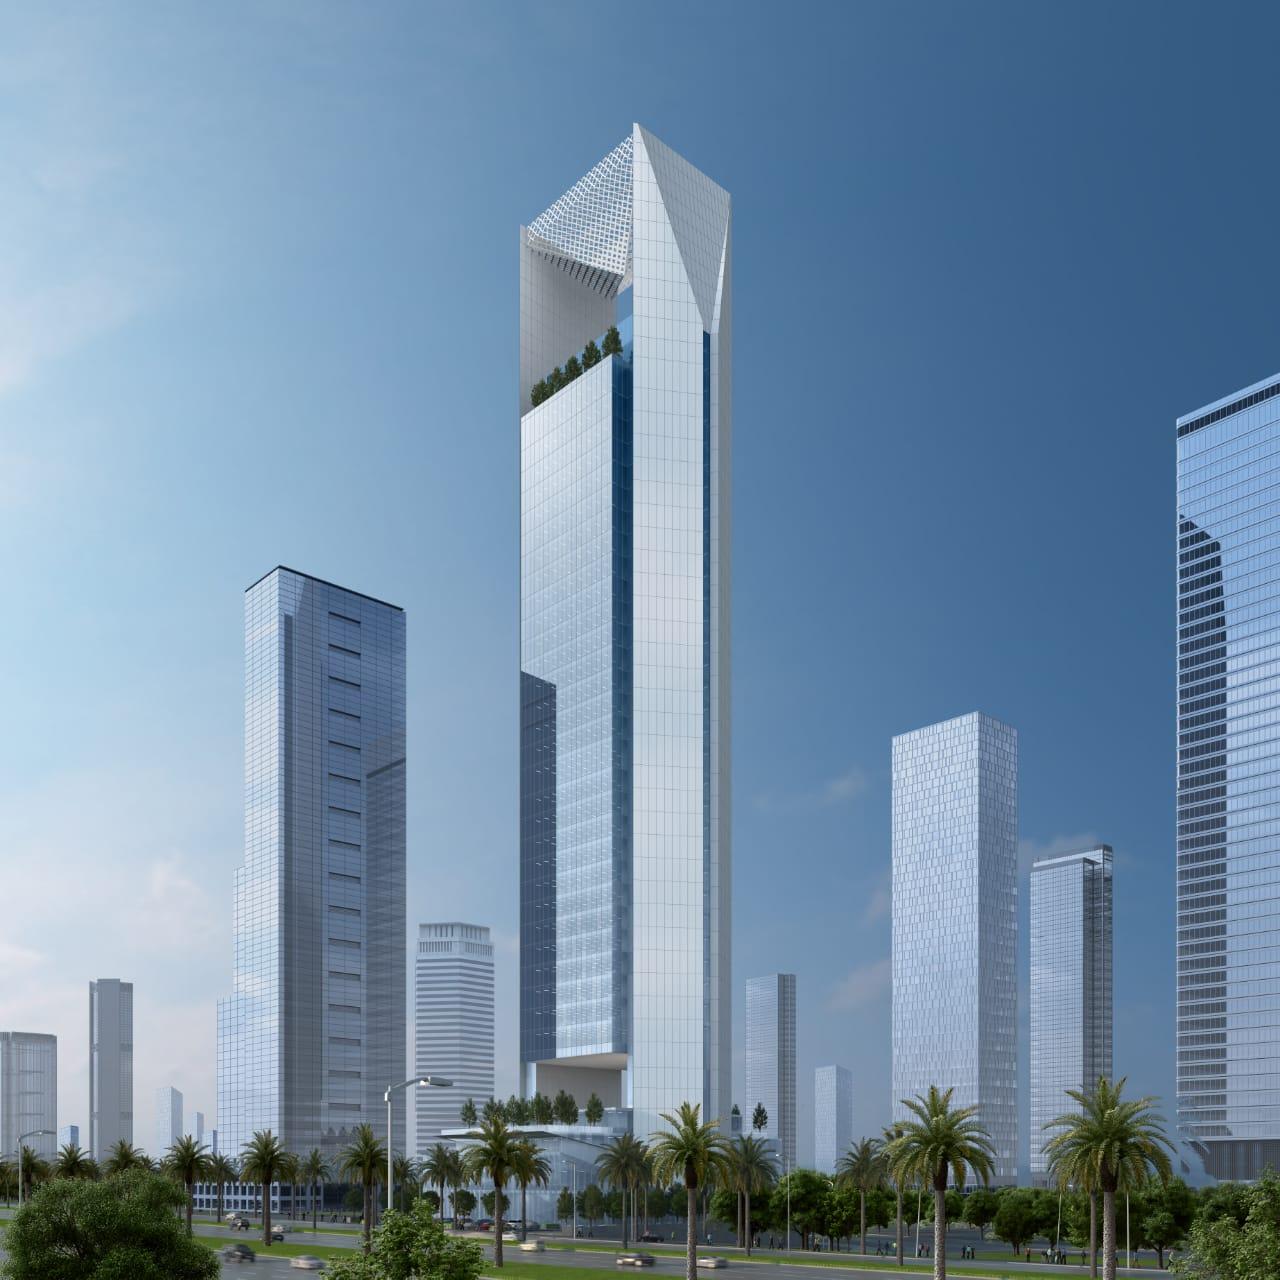 أبراج إنفينيتي للتطوير العمراني تطرح أحدث مشاريعها في العاصمة الإدارية الجديدةأطول مبنى إداري في مصر